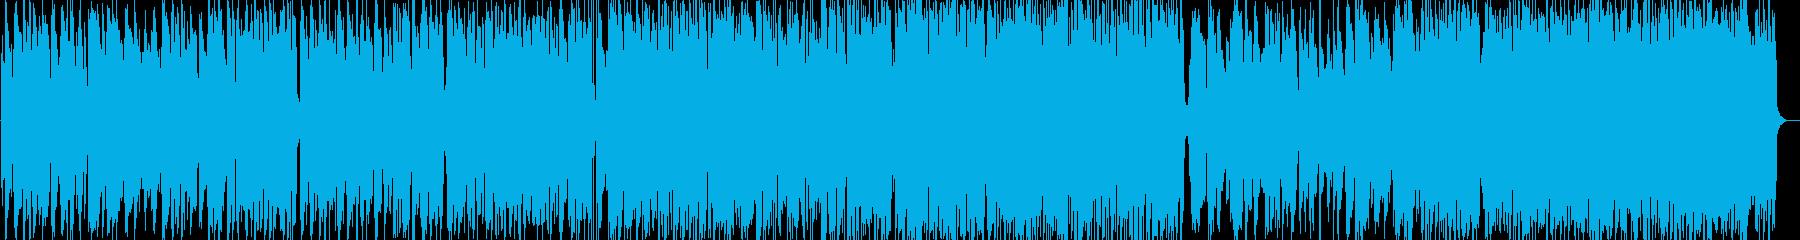 ショパンのジャズピアノトリオの再生済みの波形